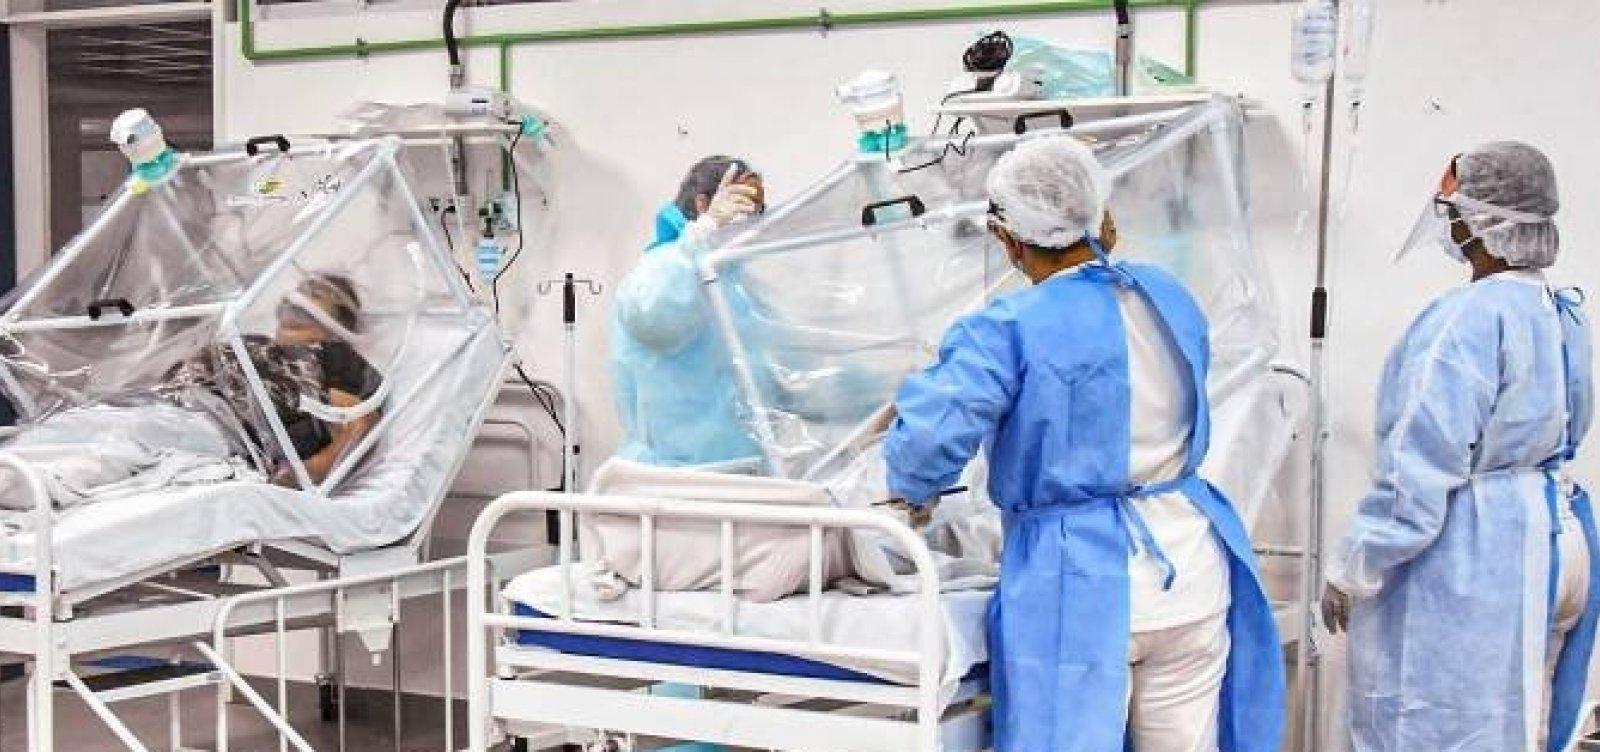 [Com falta de oxigênio em Manaus, médicos dizem ter que escolher quem receberá assistência]